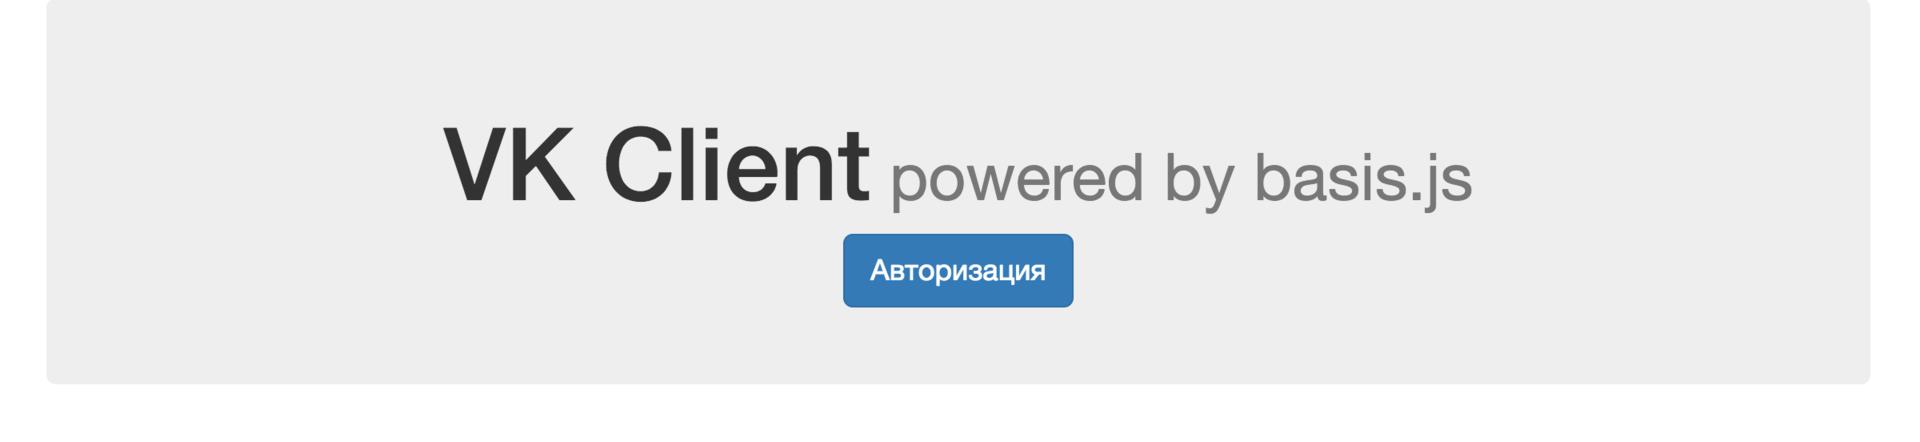 Делаем крутые Single Page Application на basis.js — часть 3. Клиент для «ВКонтакте» - 4